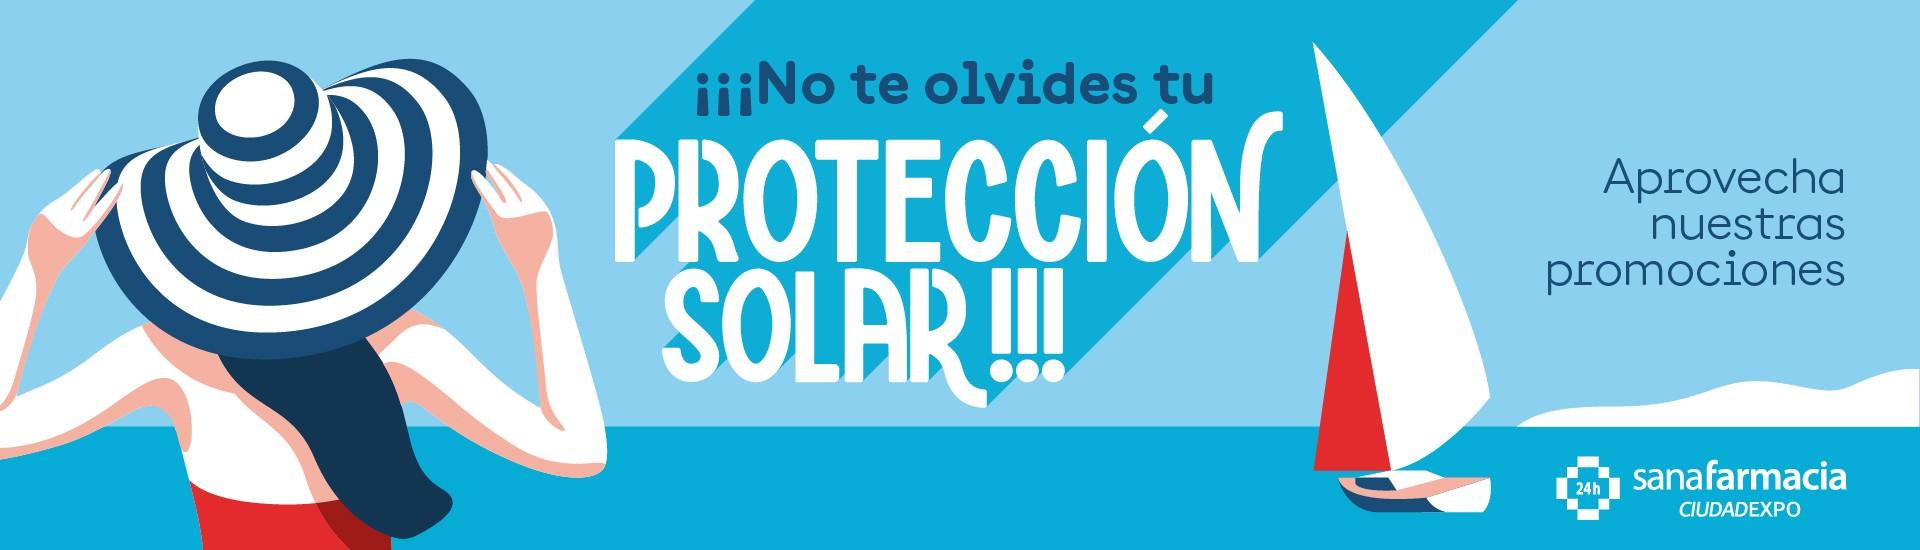 Promos protección solar agosto